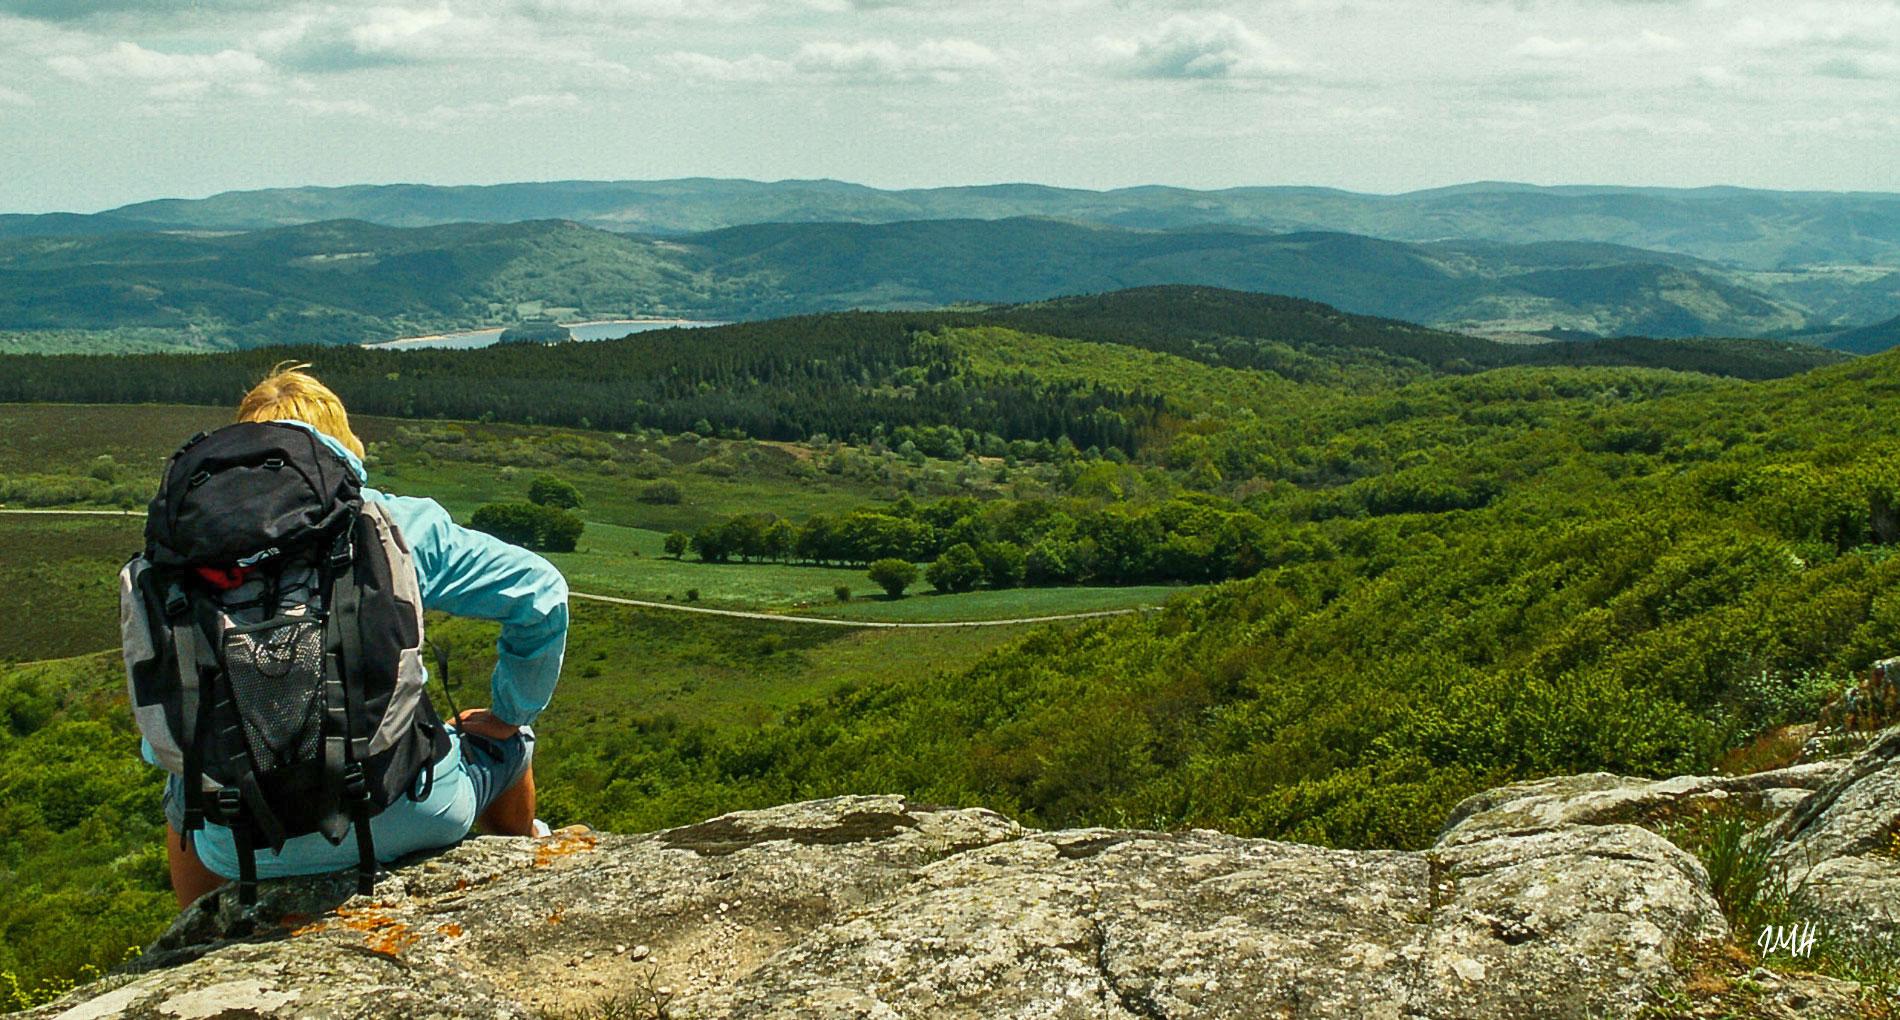 Montagne du Haut Languedoc. Monts de Lacaune. Paysage vers le lac du Laouzas